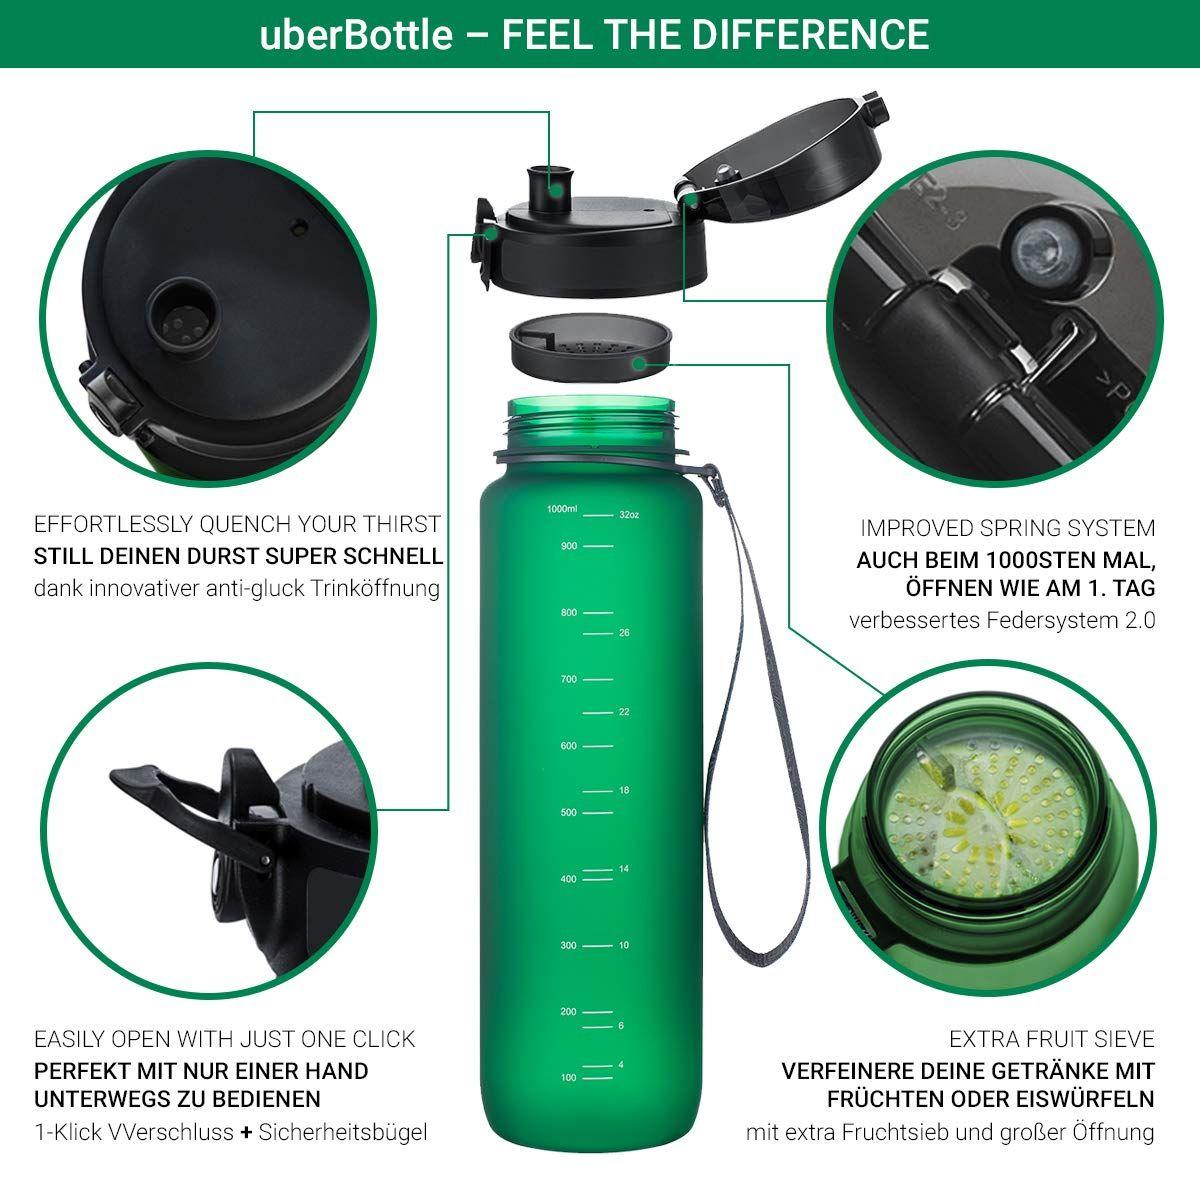 720 Dgree Trinkflasche Uberbottle 1 Liter 1000ml Neuartige Tritan Wasser Flasche Water Bottle Bpa Frei Ideale Sp Trinkflasche Wasserflasche Flaschen